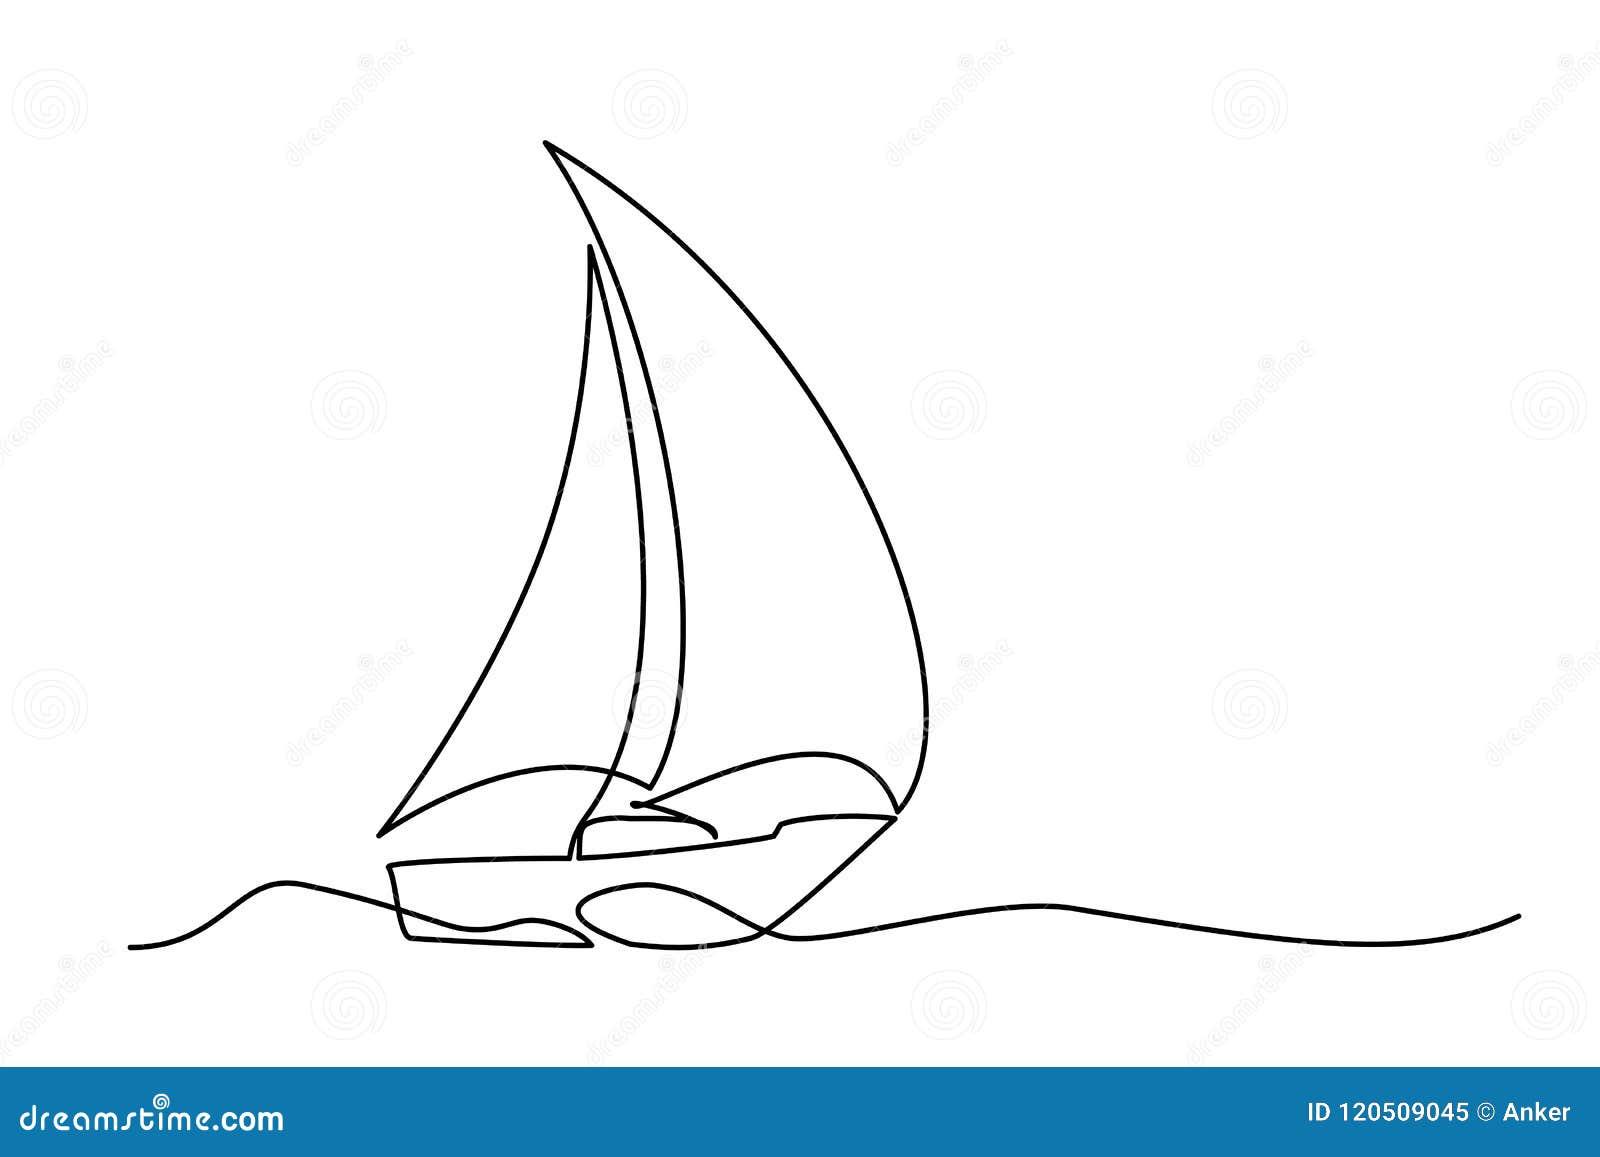 Continu Voilier De Dessin Au Trait Illustration De Vecteur Illustration Du Continu Trait 120509045